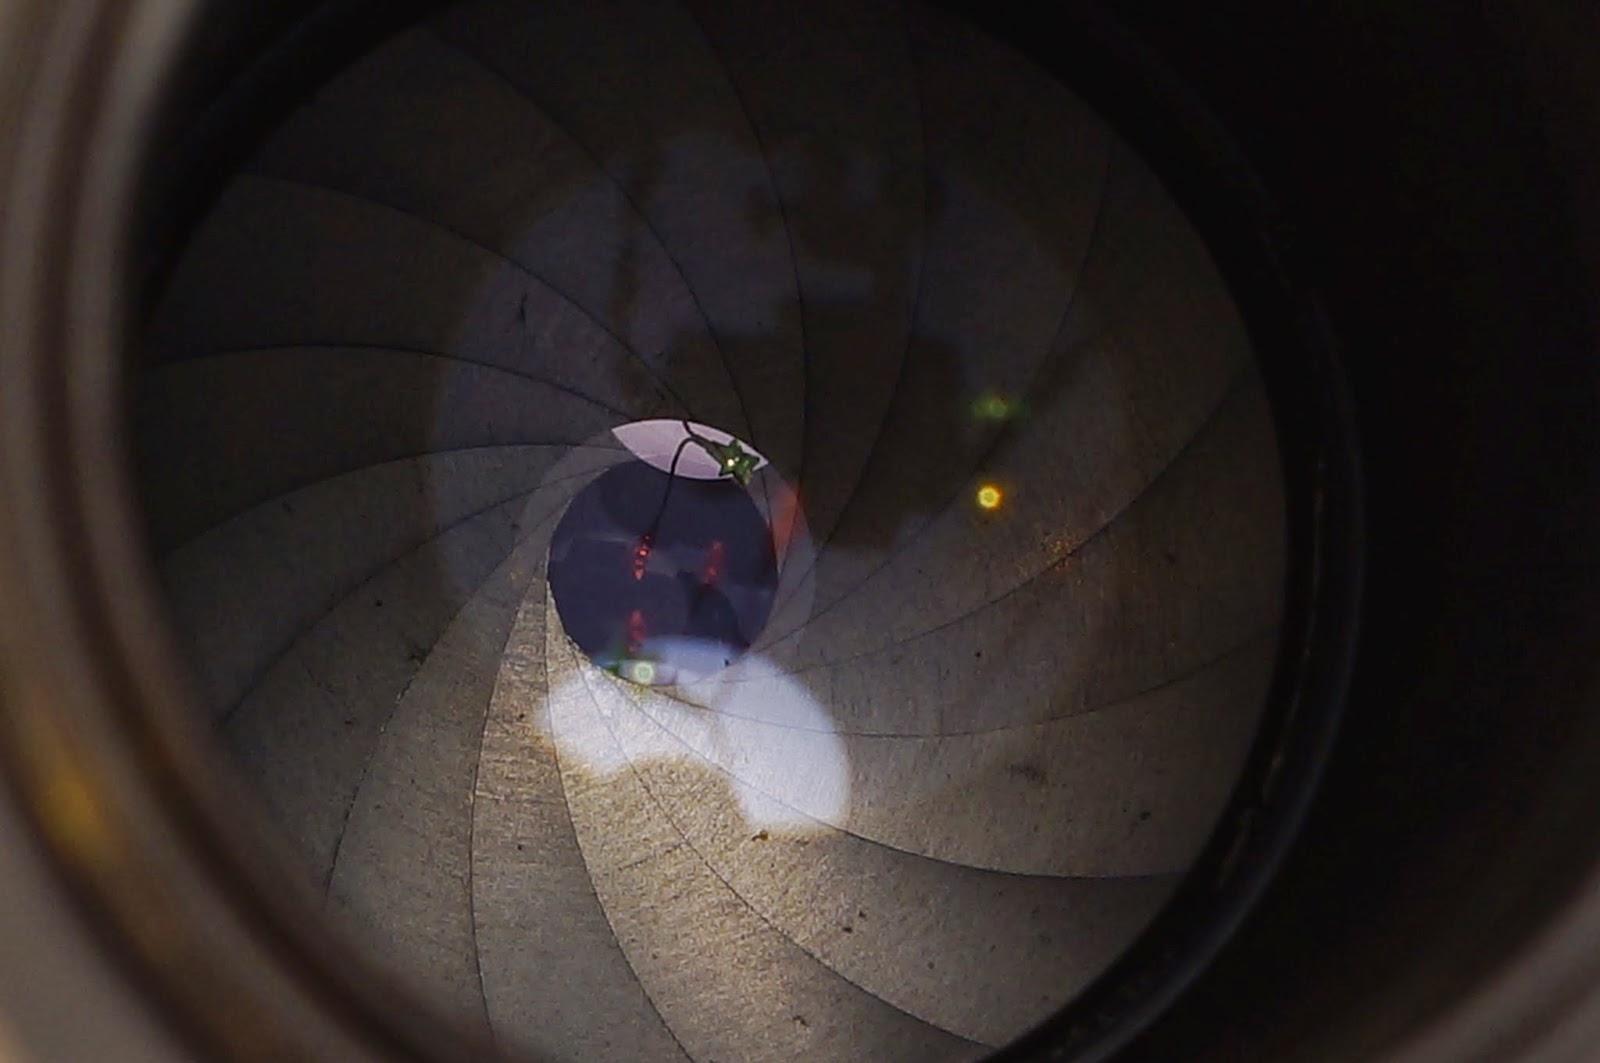 Carl Zeiss Jena Triotar 135mm f4 M42